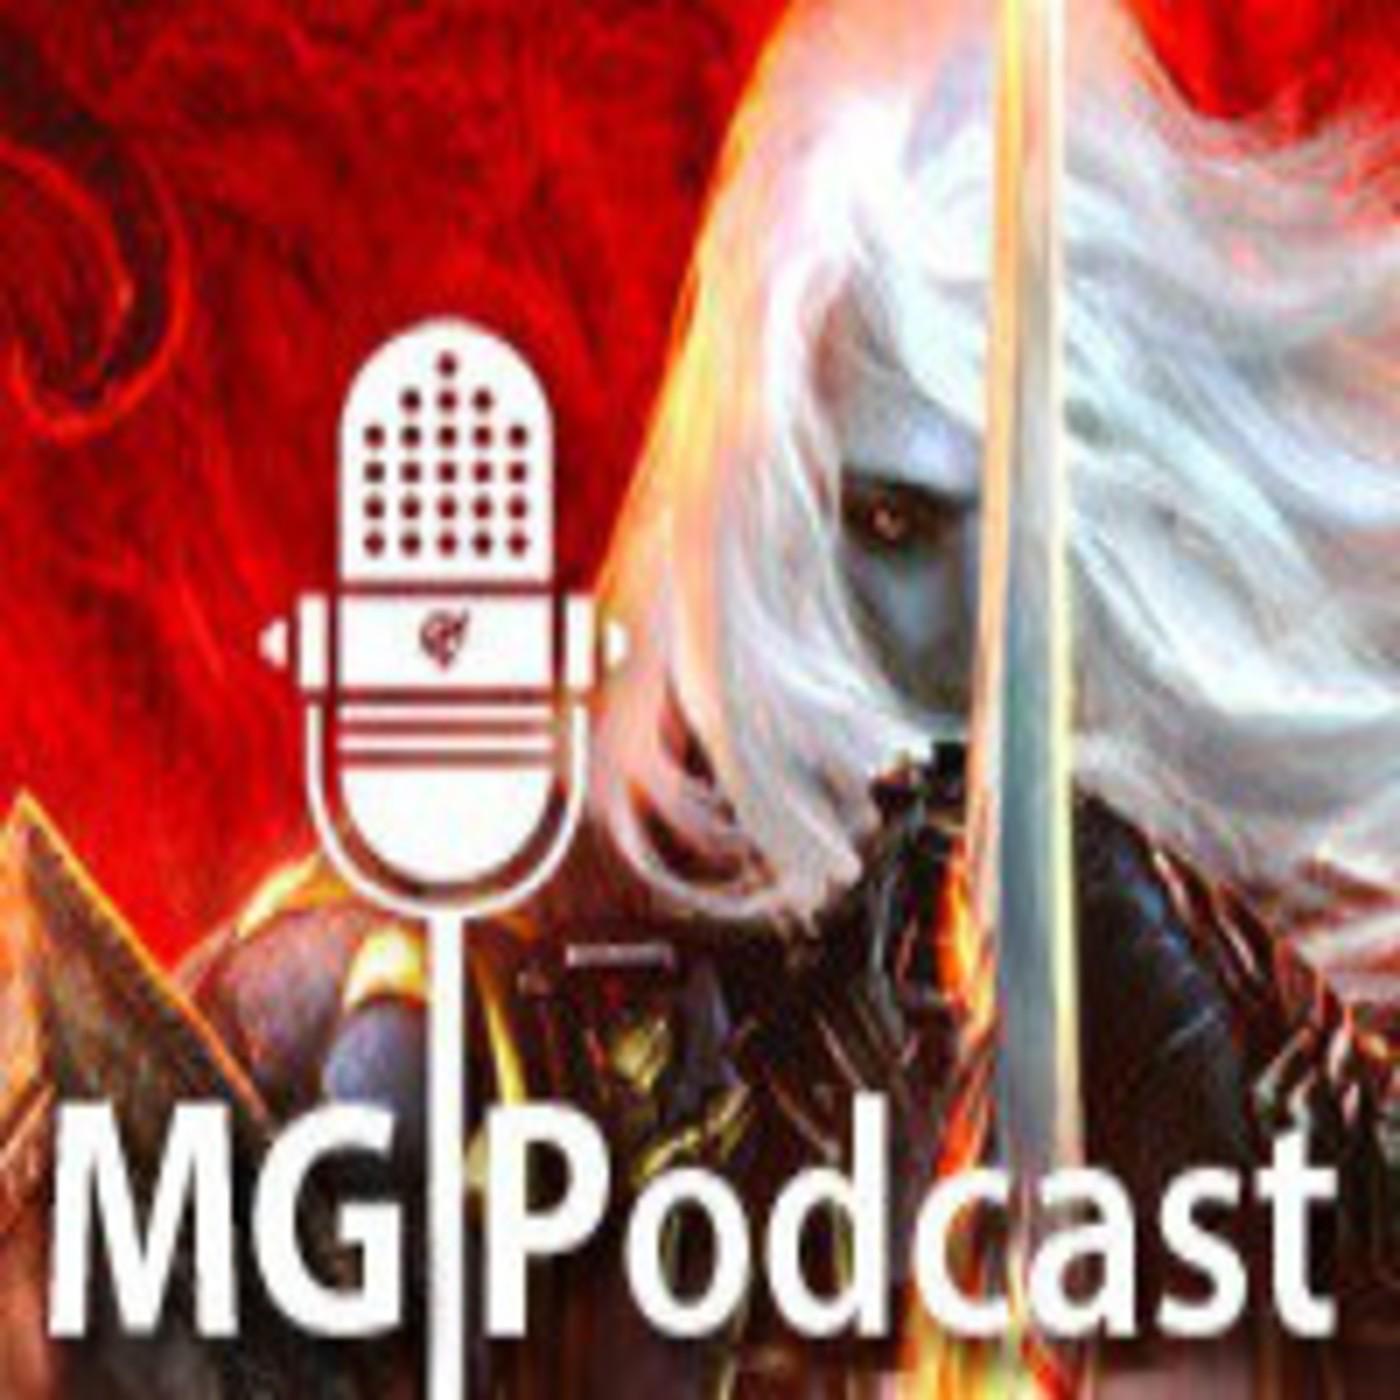 MG Podcast 2x20 - Especial CASTLEVANIA LoS Mirror of Fate y Entrevista MERCURY STEAM